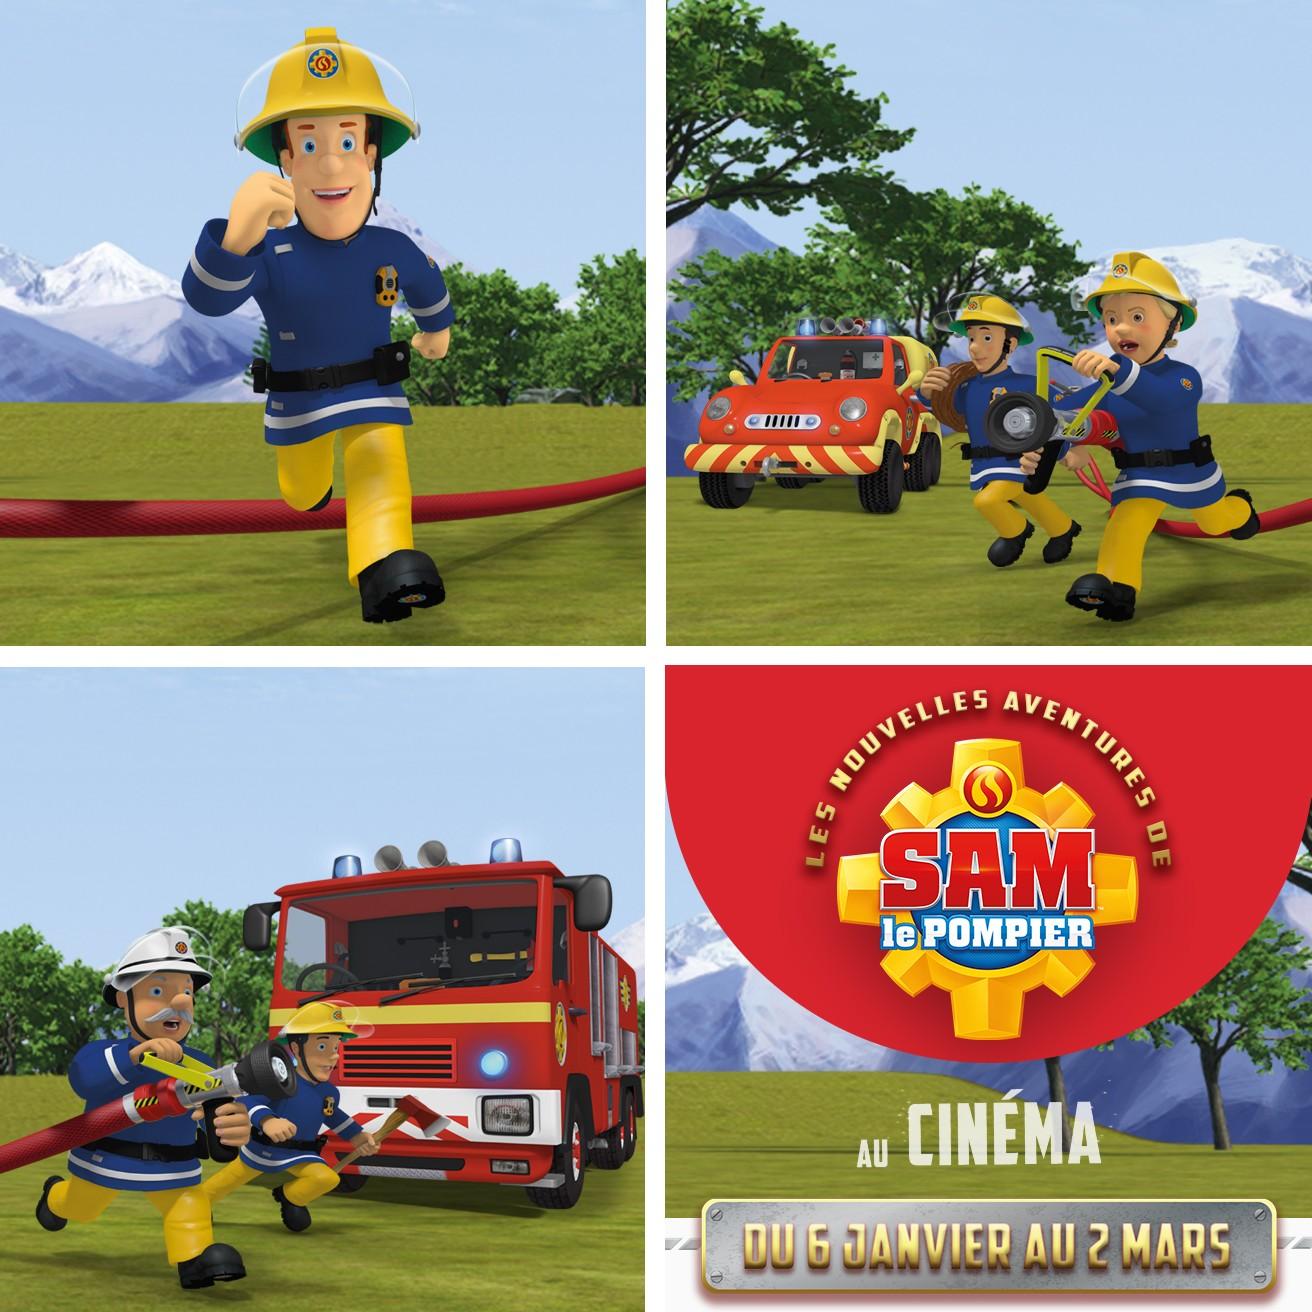 Sam le pompier au cin ma et des places gagner - Sam le pompier personnages ...